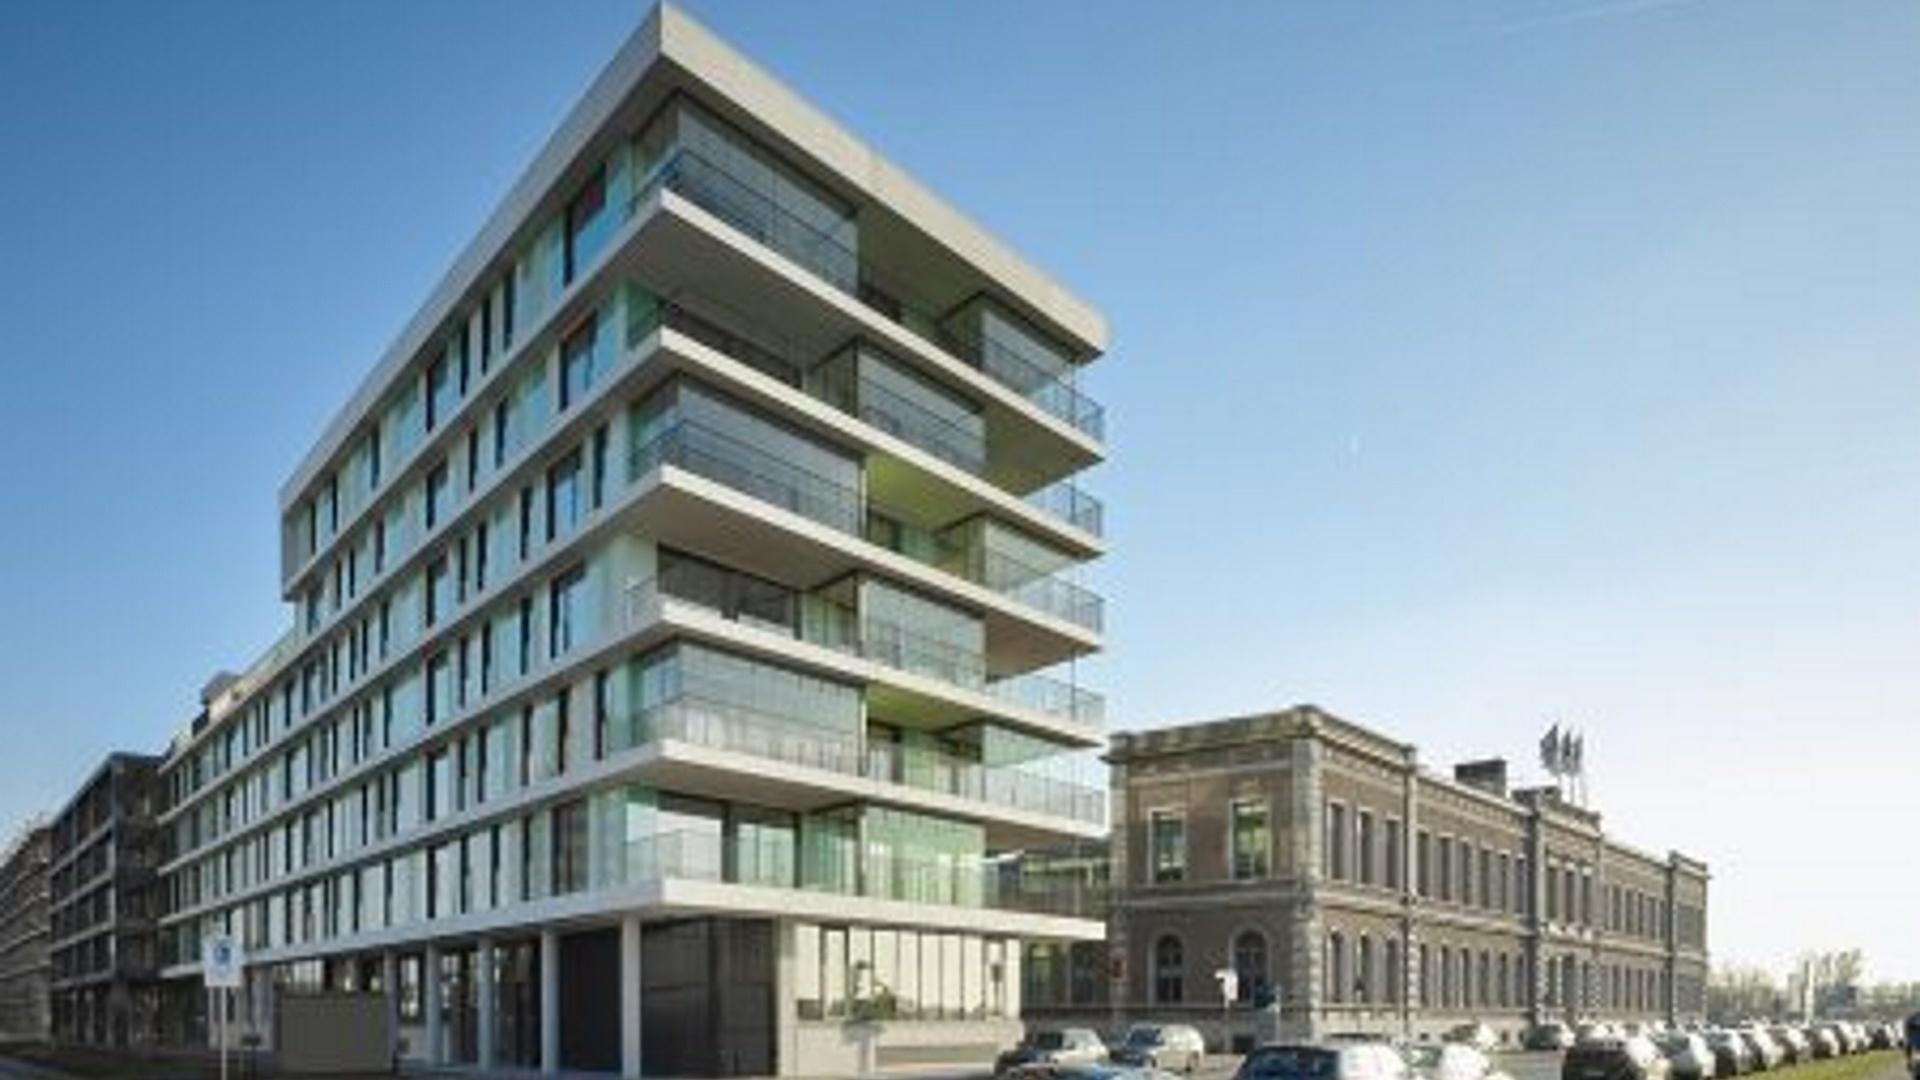 Esthetische sprinklerinstallatie voor hoogbouw Nieuw Zuid Antwerpen 1